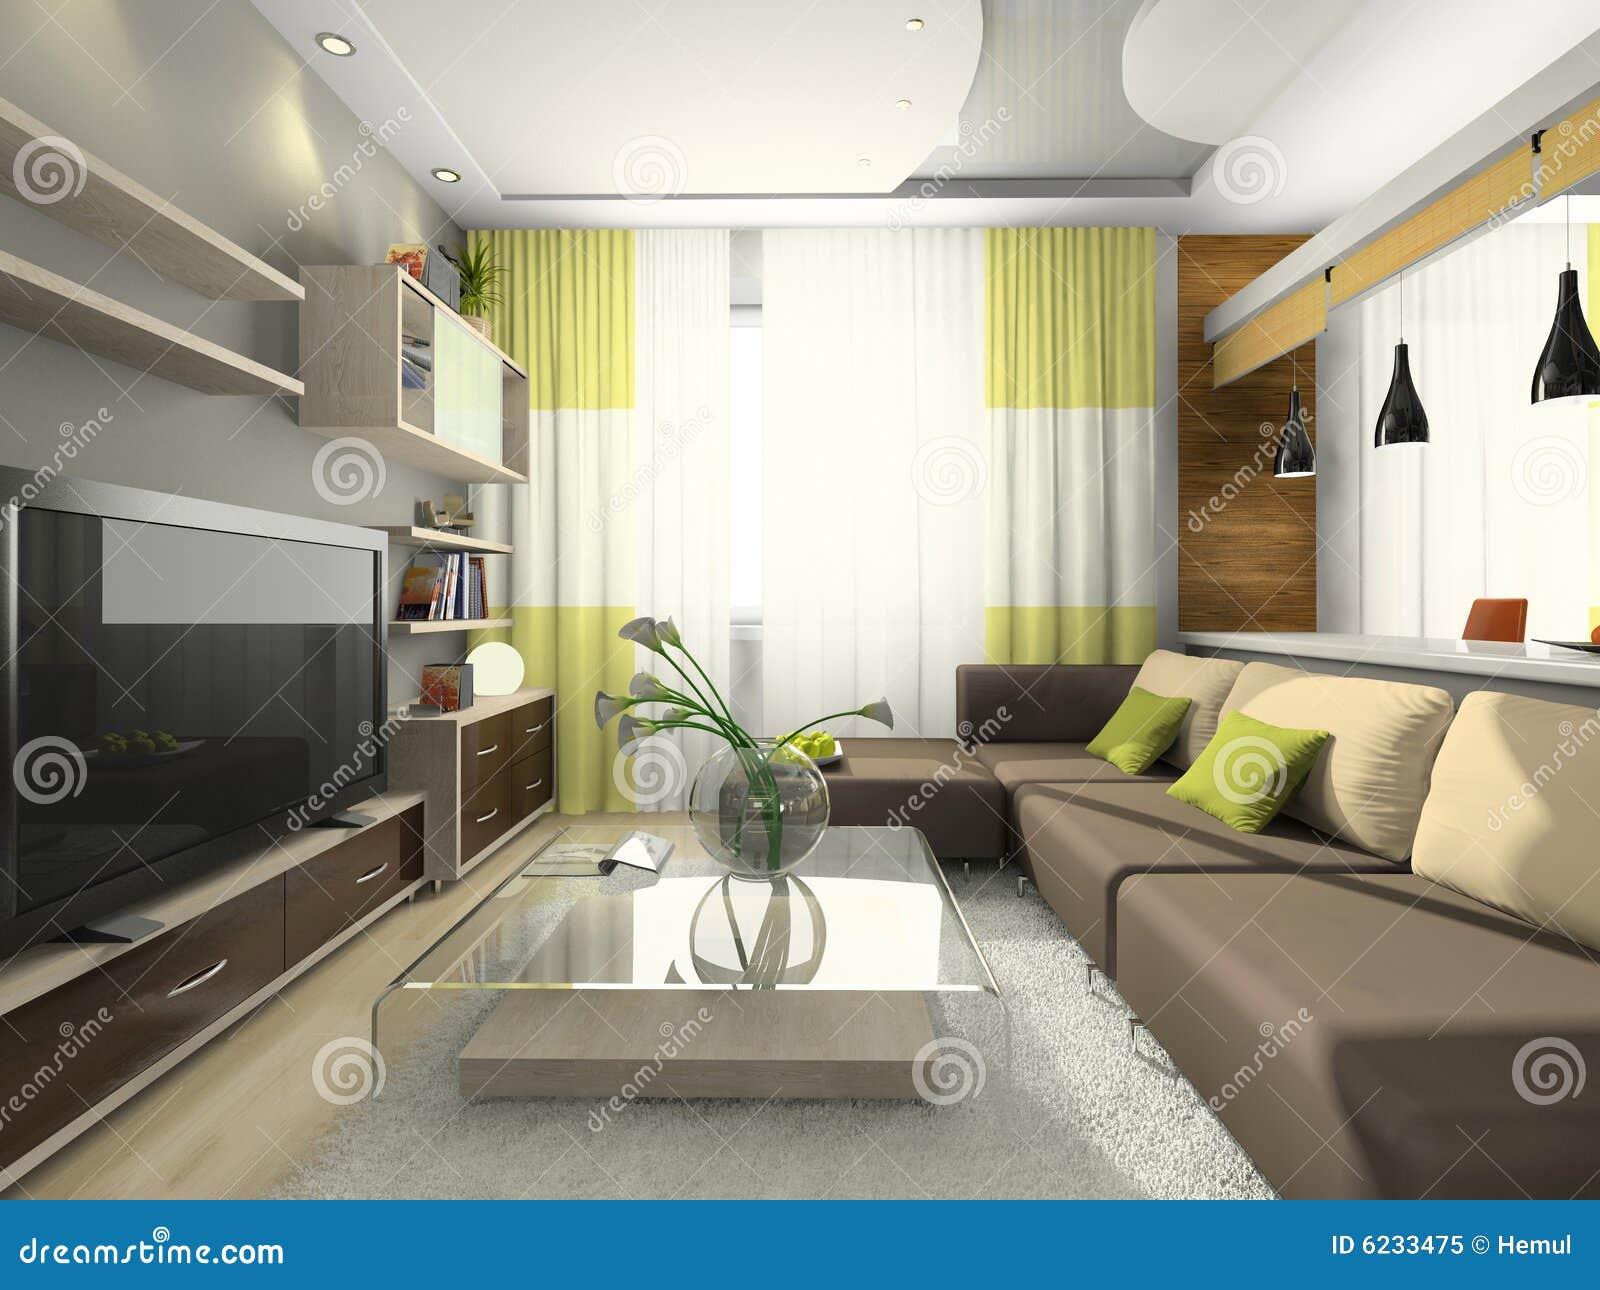 Opini n sobre el apartamento moderno stock de ilustraci n for Foto appartamenti ristrutturati moderni